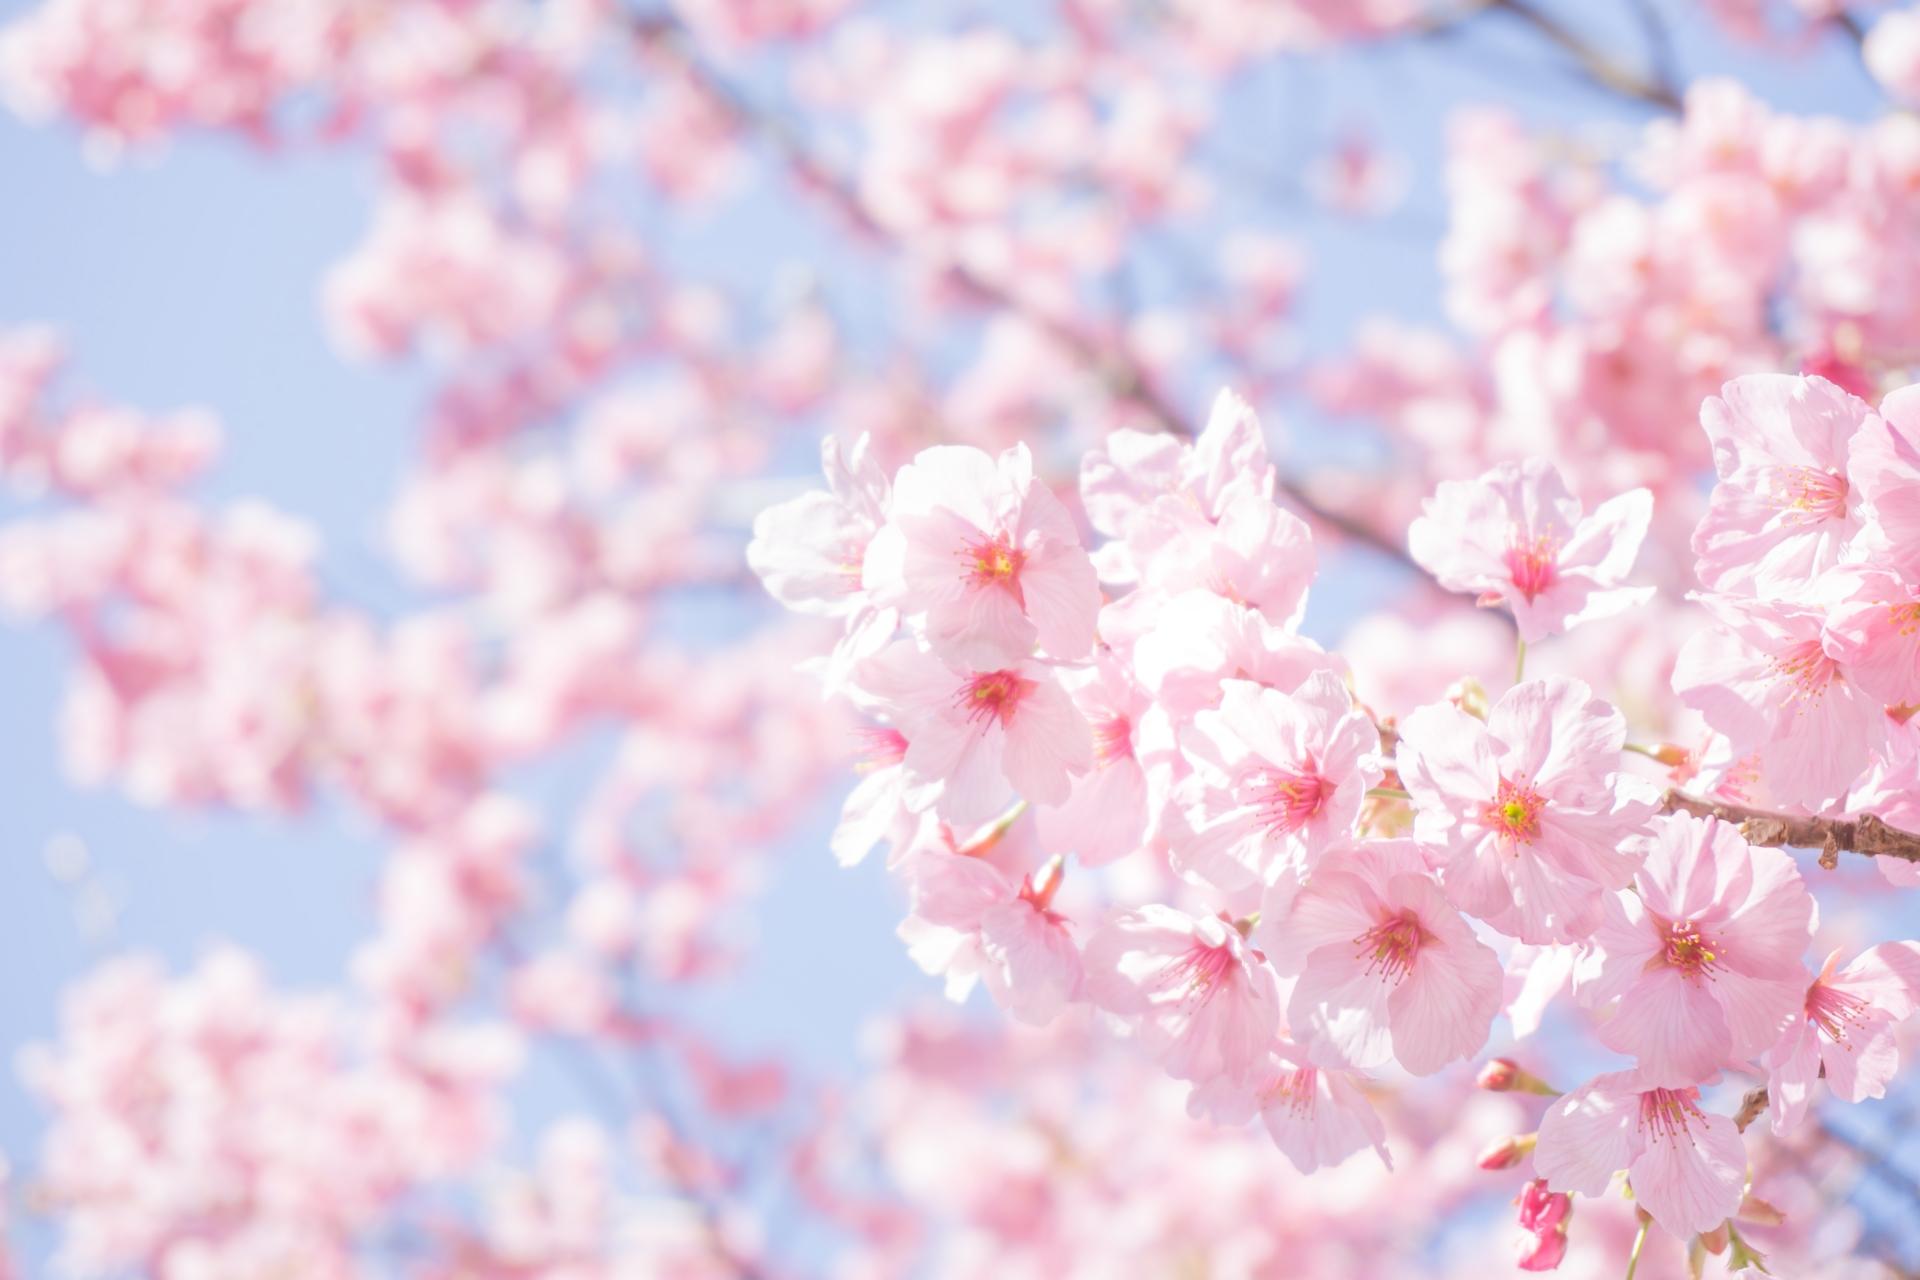 【ビジネスでも活用】3月の時候の挨拶の使い方と例文